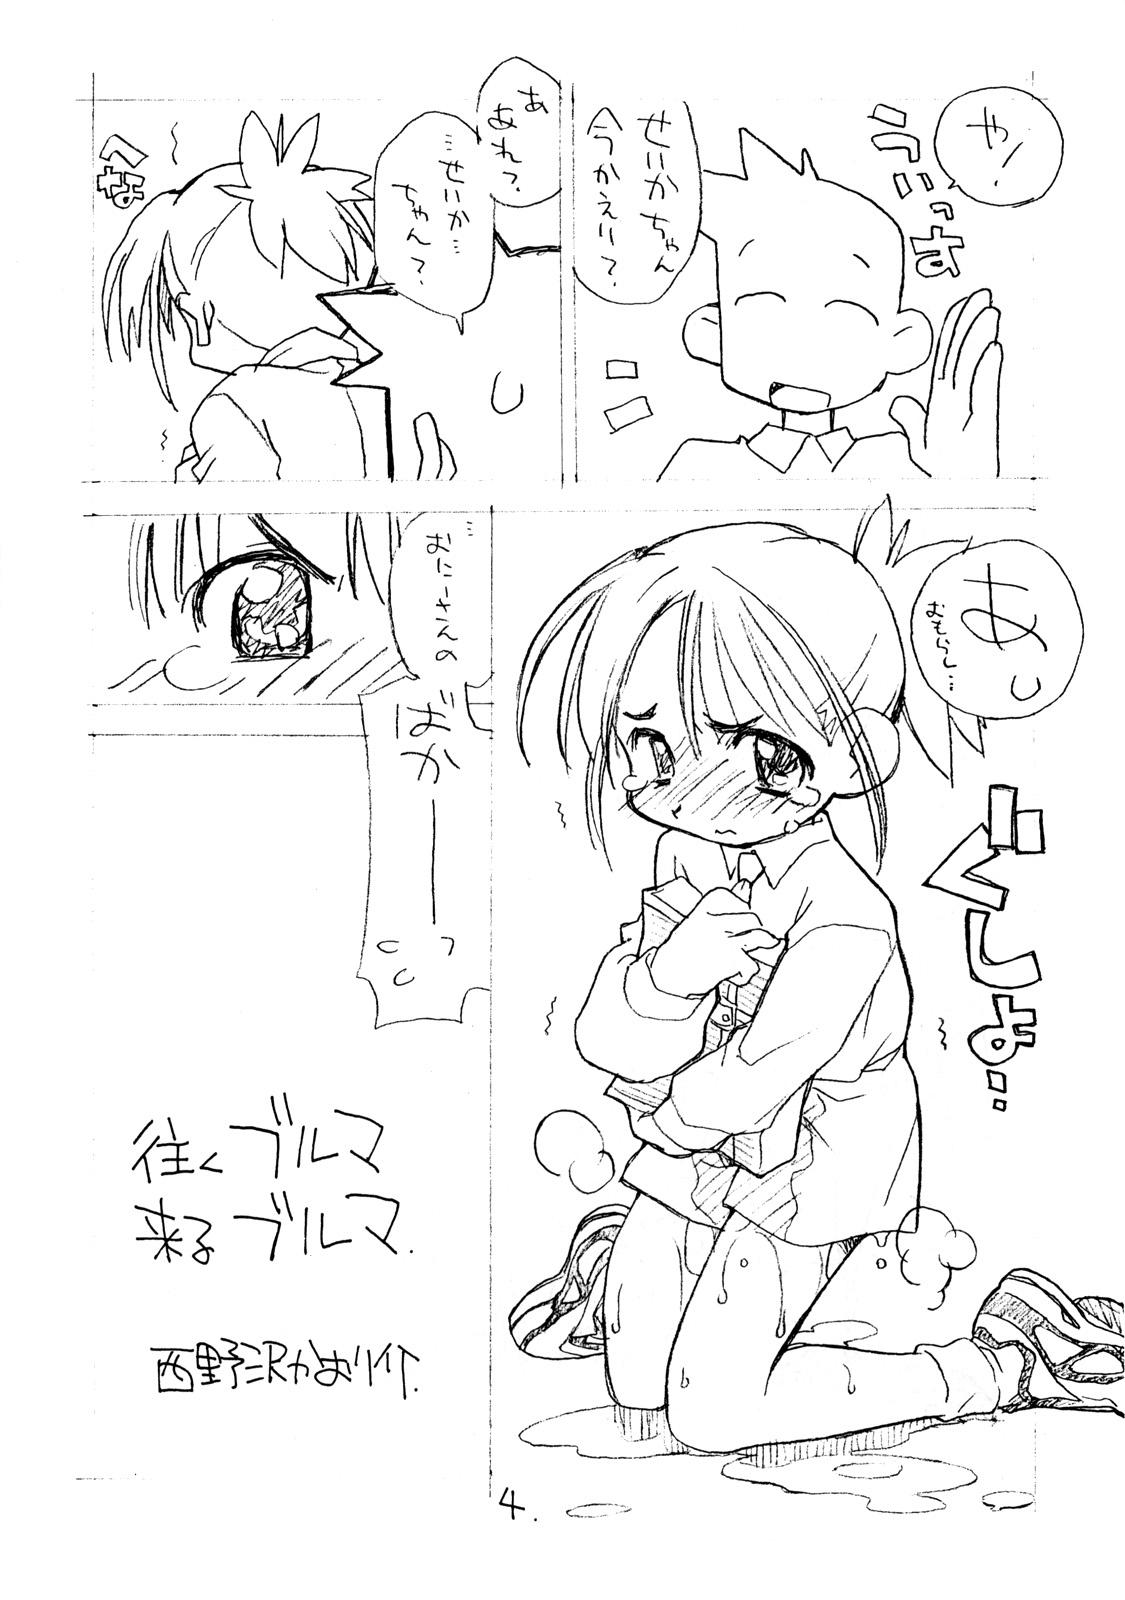 Okosama One-touch 2